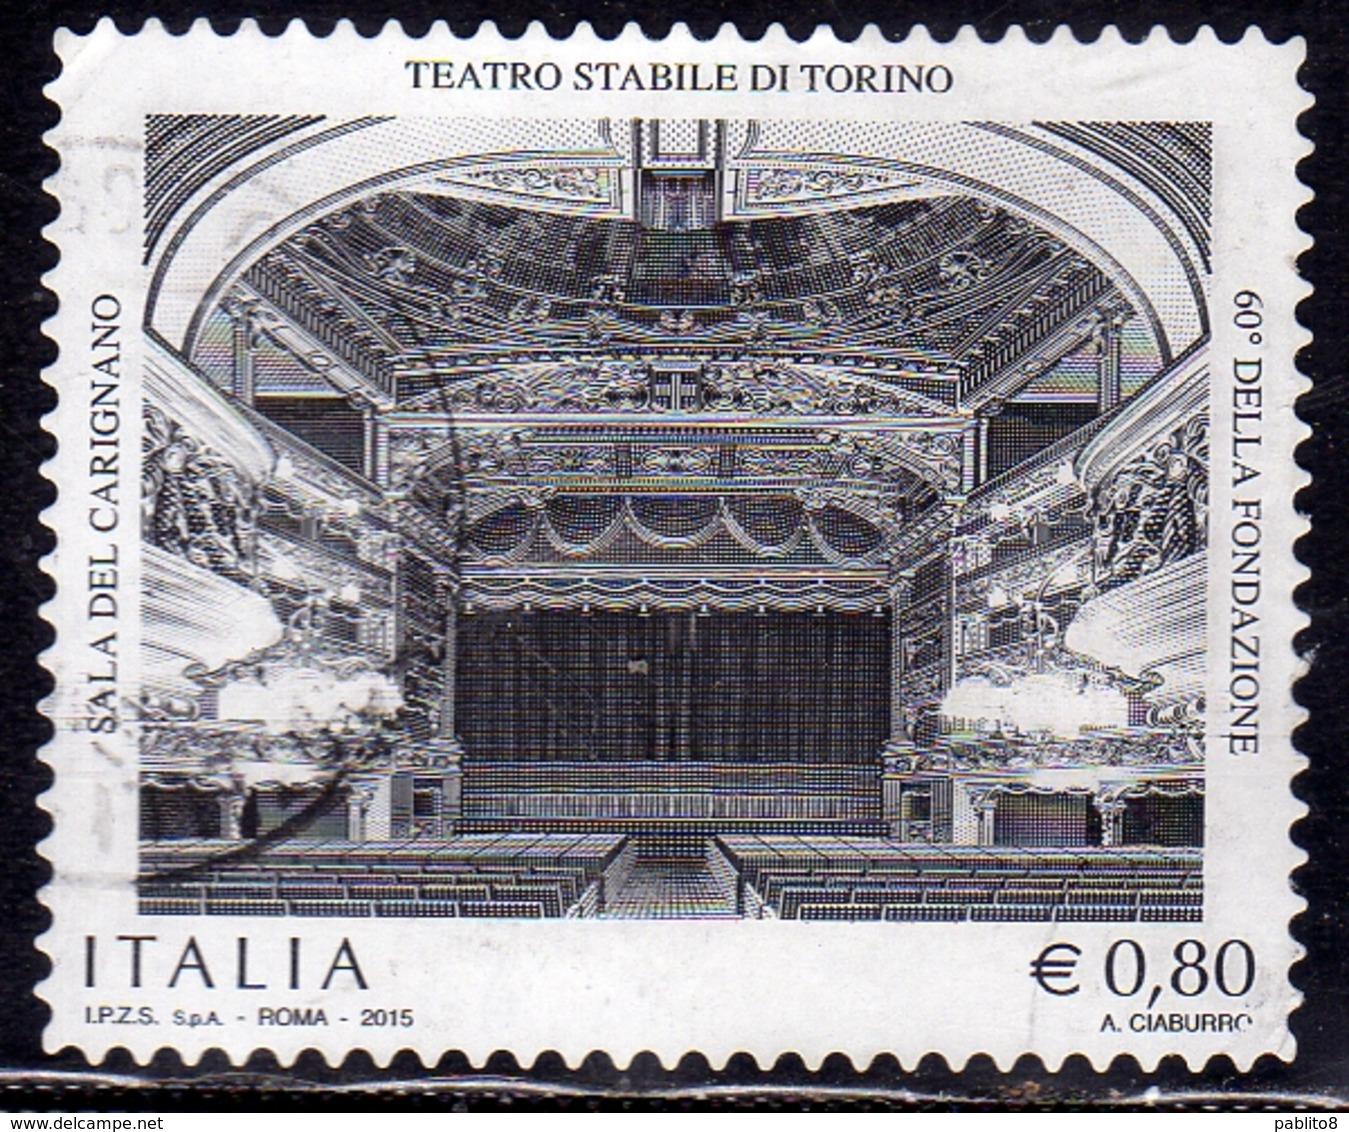 ITALIA REPUBBLICA ITALY REPUBLIC 2015 PATRIMONIO ARTISTICO E CULTURALE TEATRO STABILE DI TORINO USATO USED OBLITERE' - 2011-...: Afgestempeld